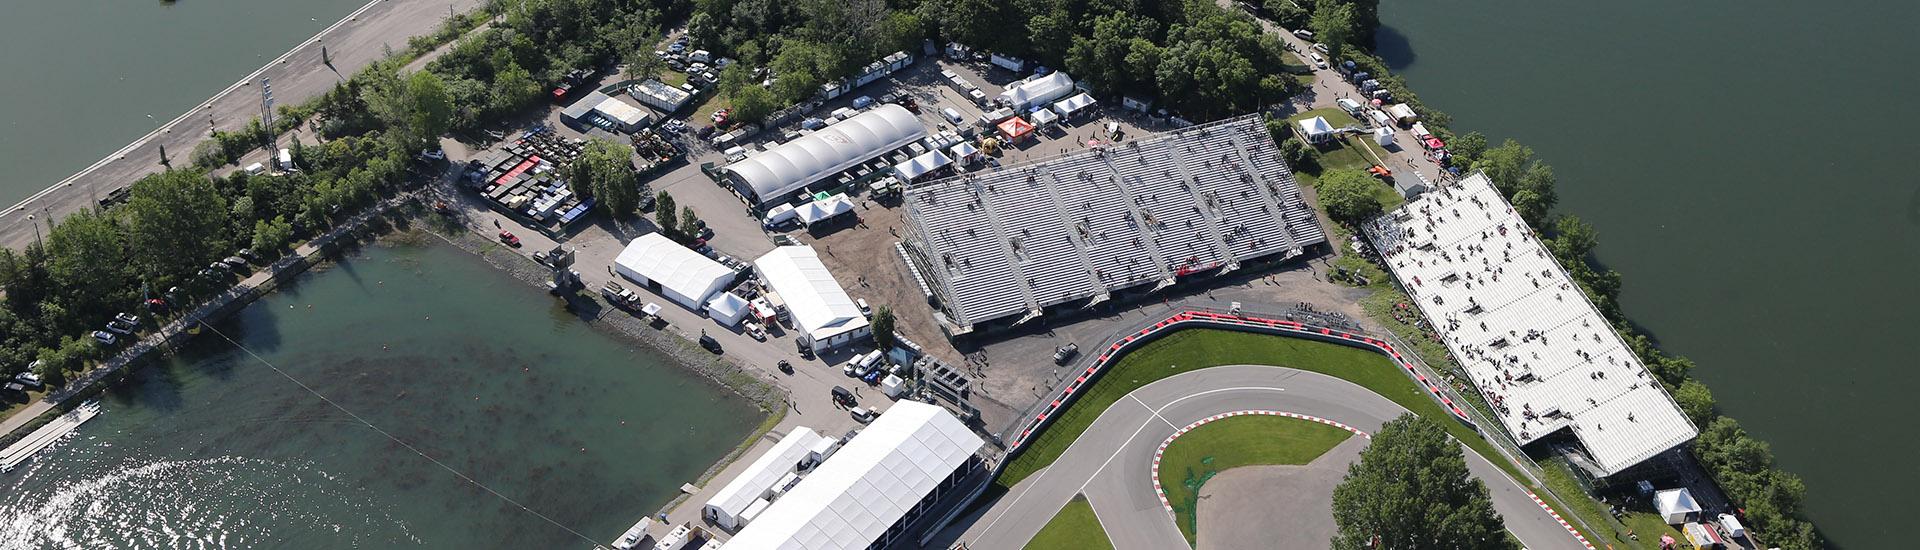 Calendario Pirelli 2020 Acquisto.Tribune 12 Sezioni 5 6 7 Canada Formula1 Com